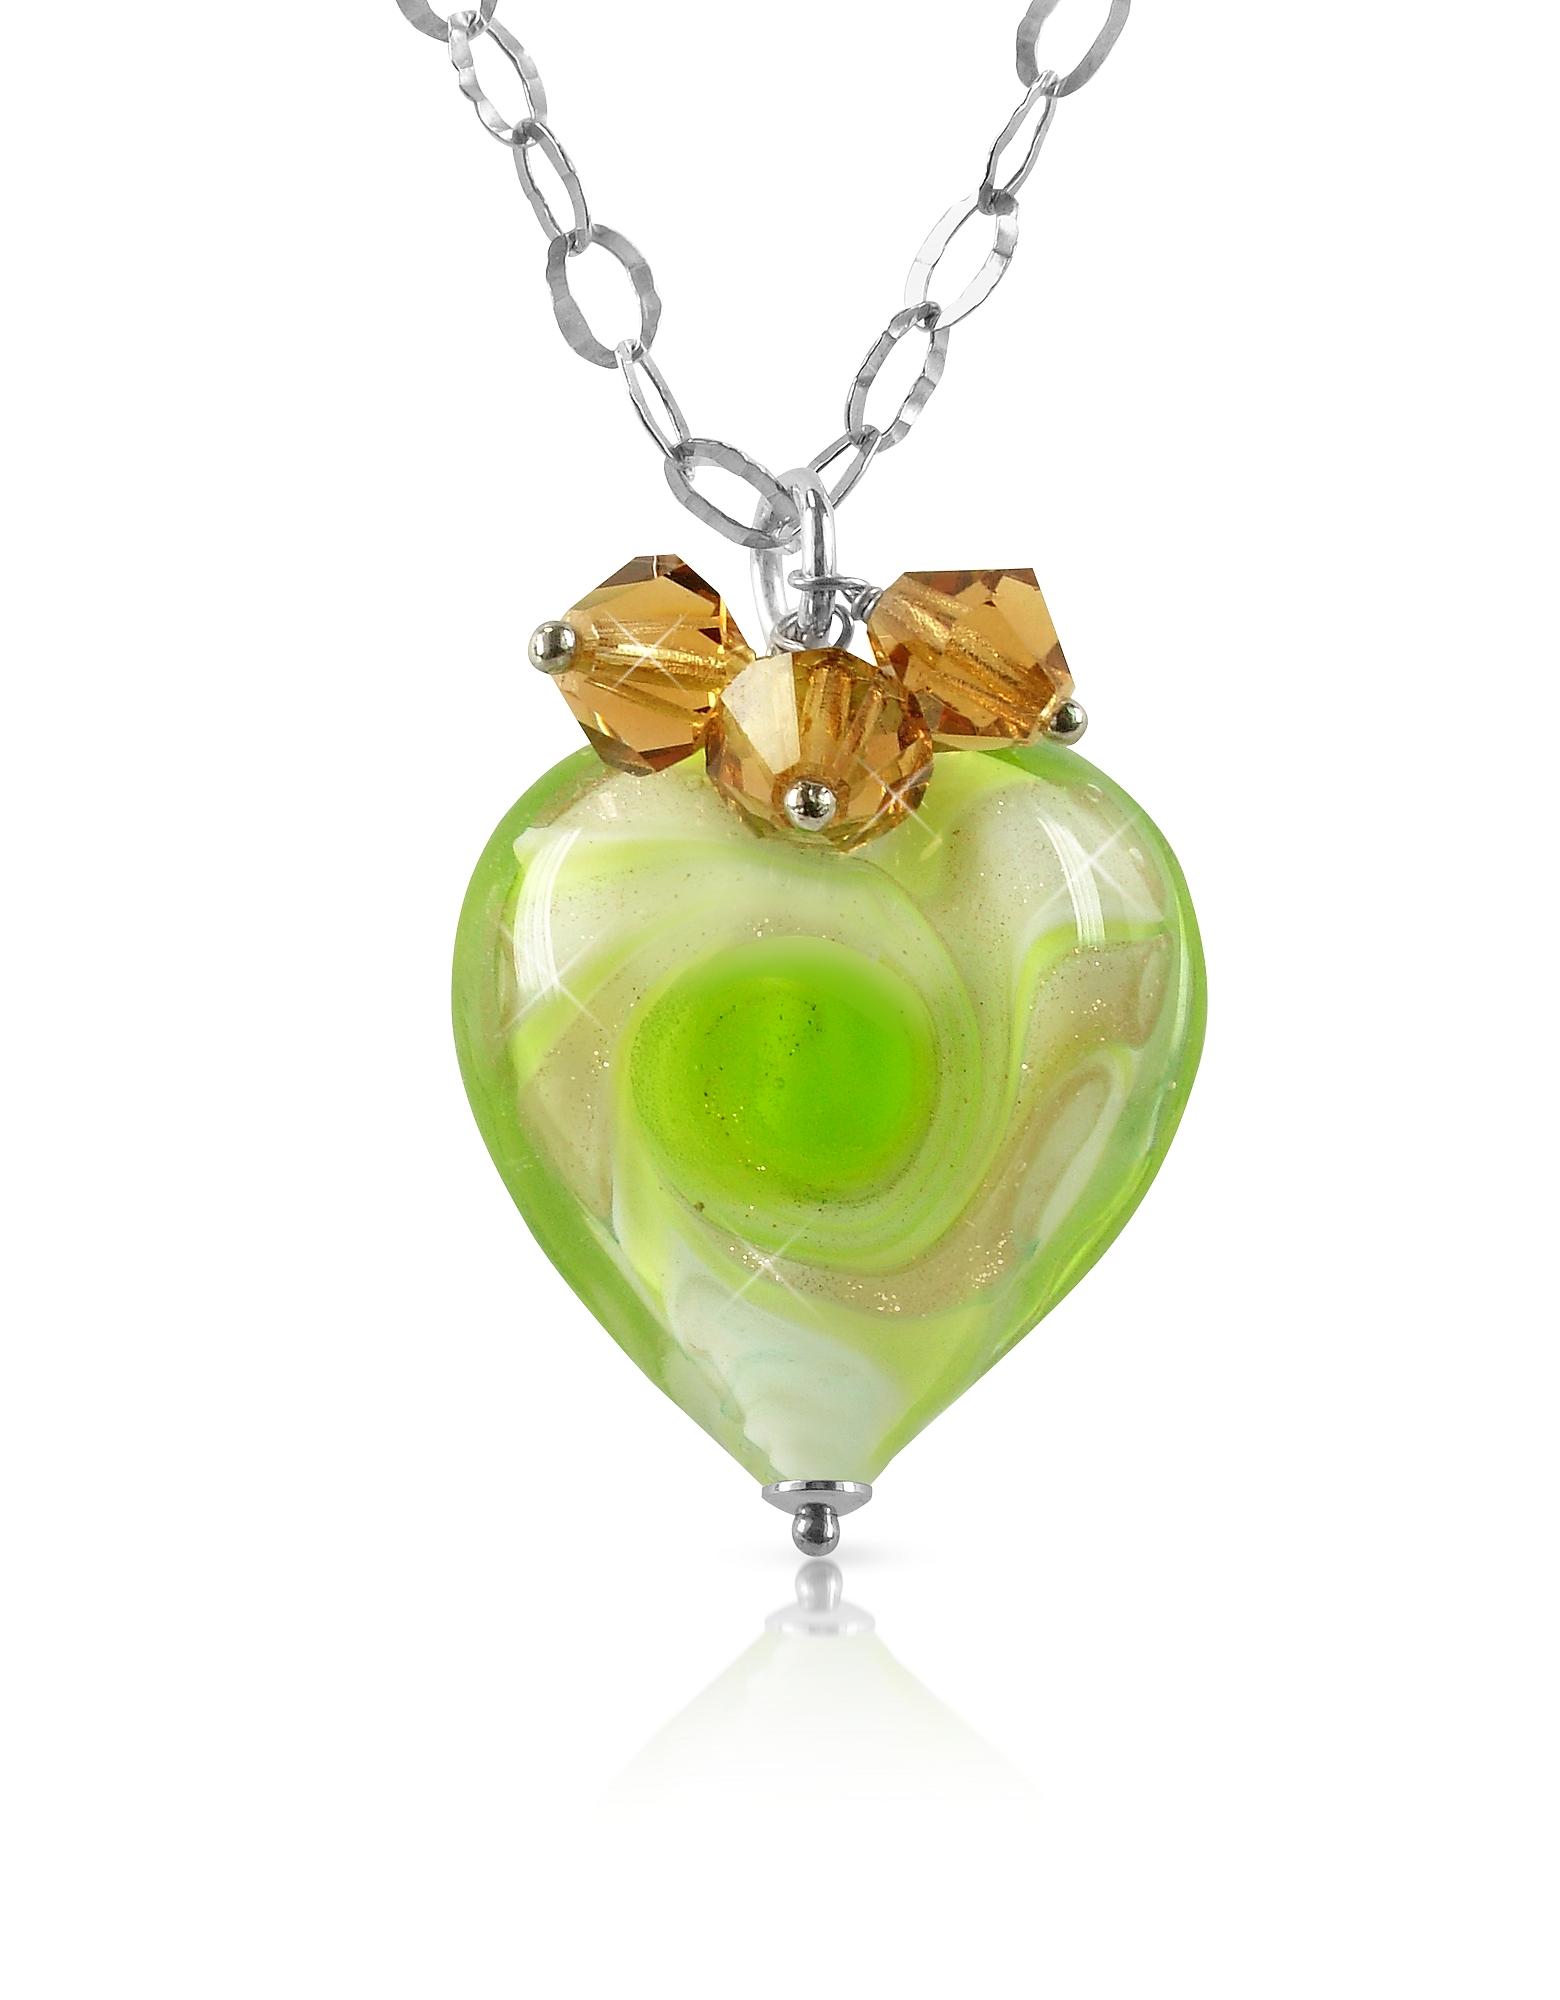 Vortice - Колье из Серебра 925 пробы с Подвеской-Сердцем из Стекла Мурано Лимонно-зеленого Оттенка